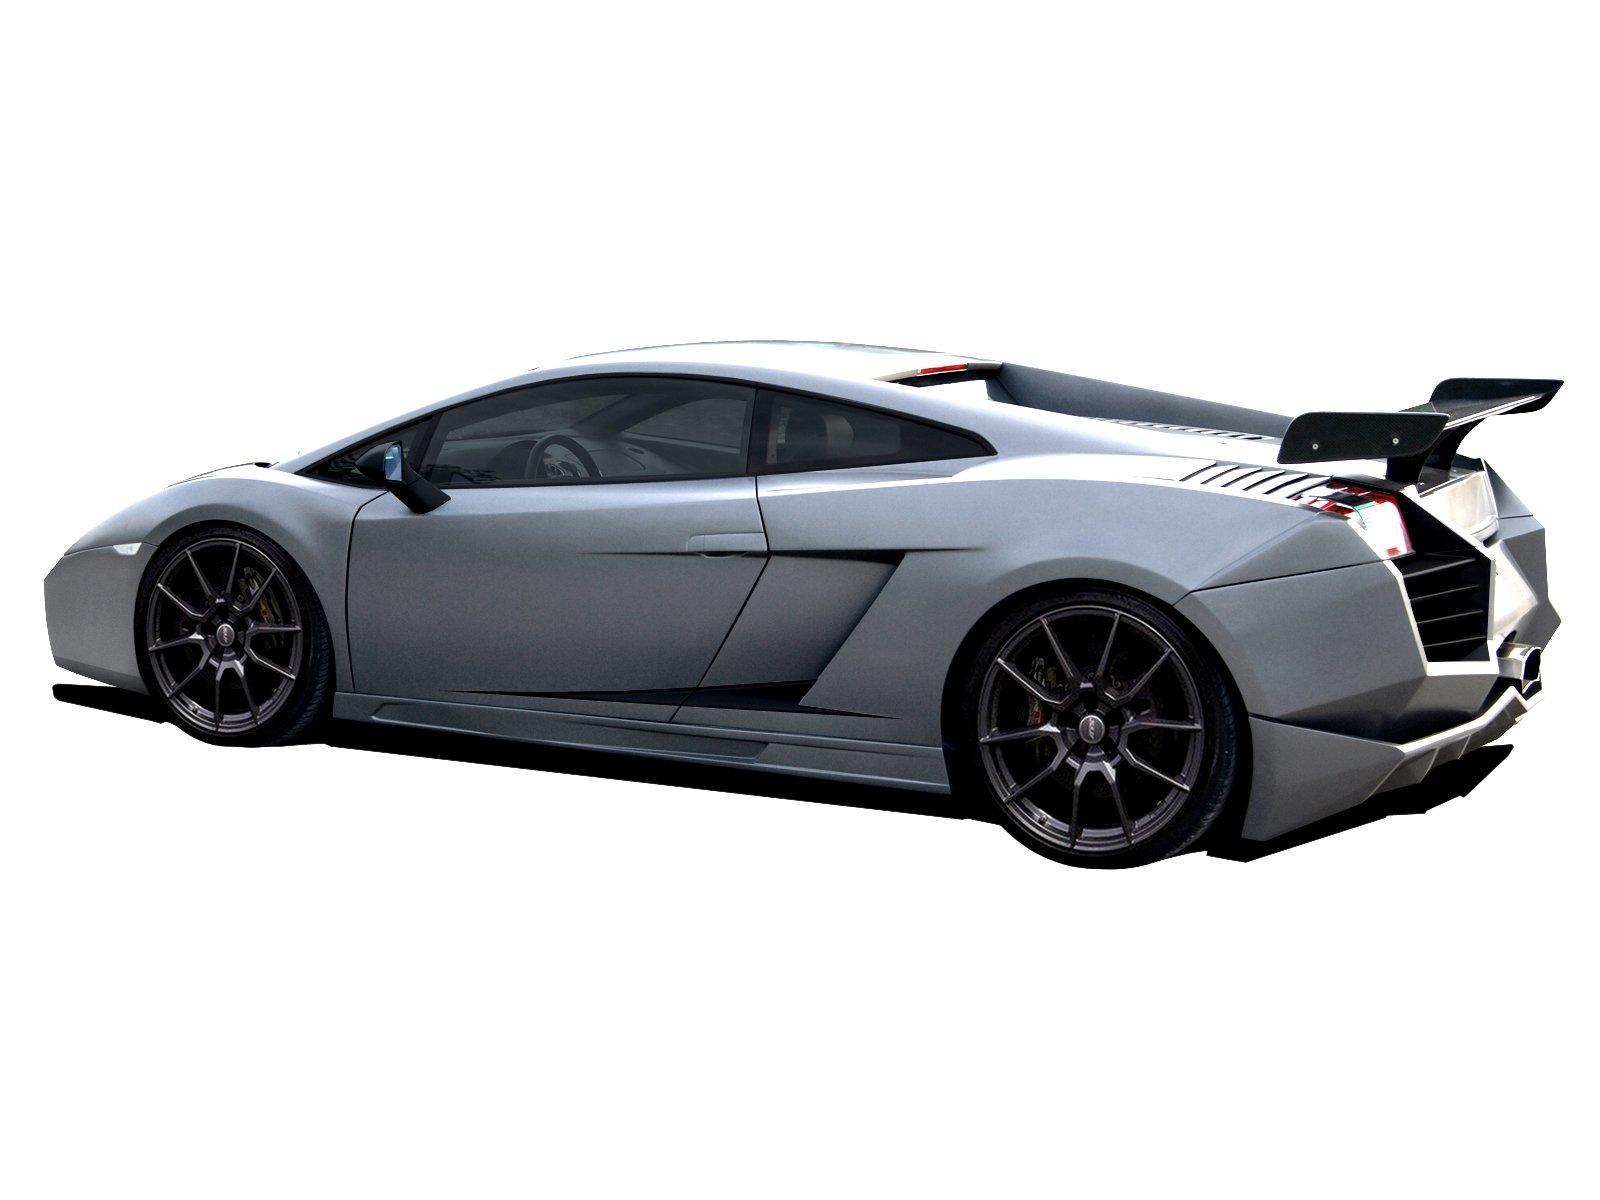 Lamborghini Gallardo od Cosa Design 5